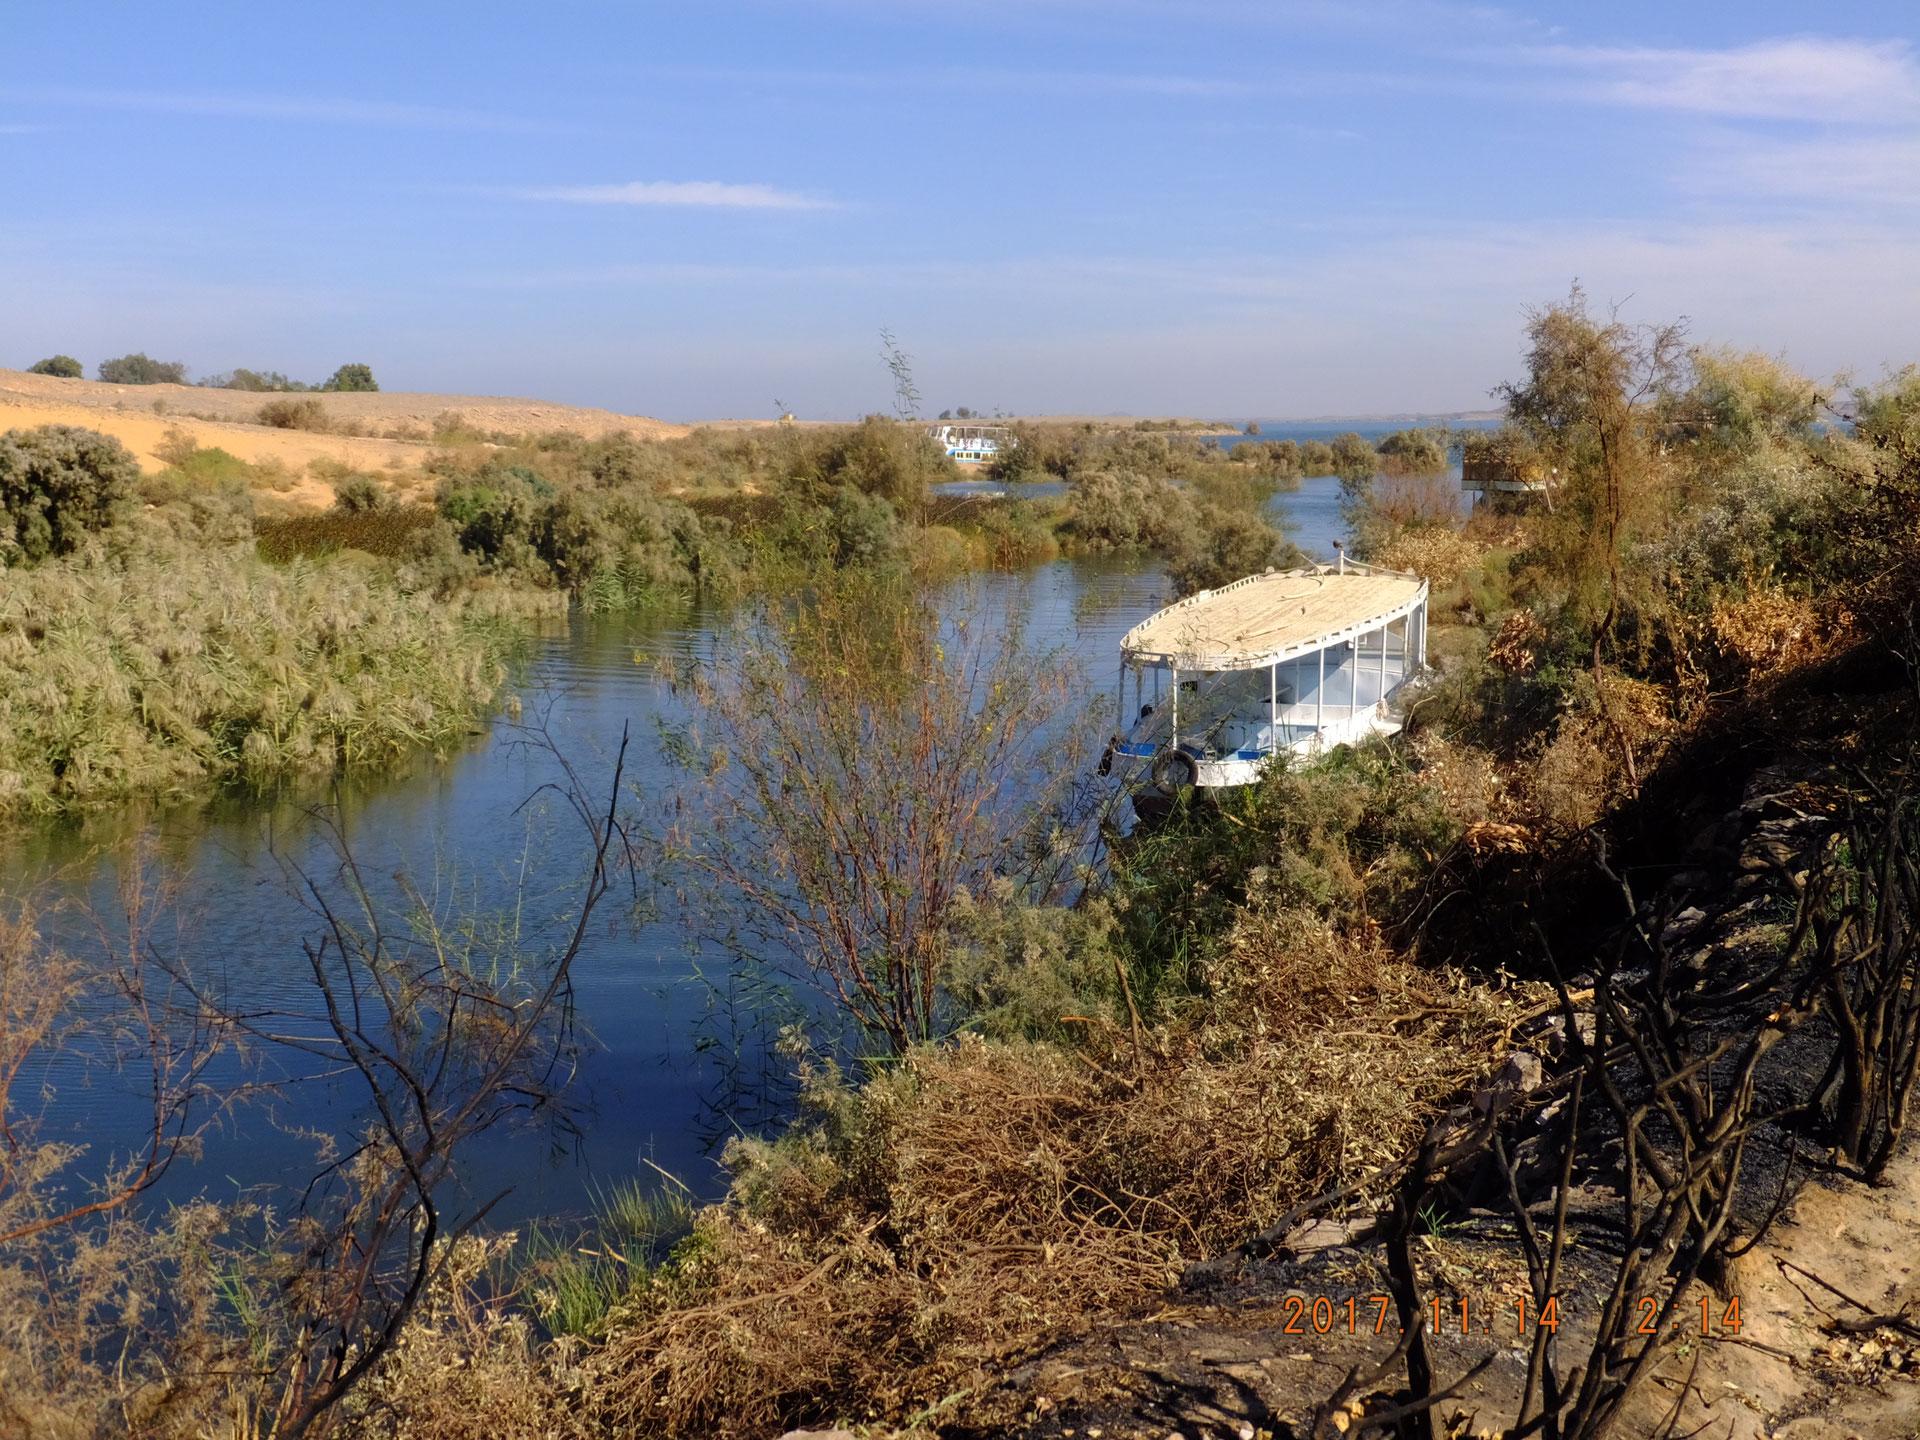 川 ナイル